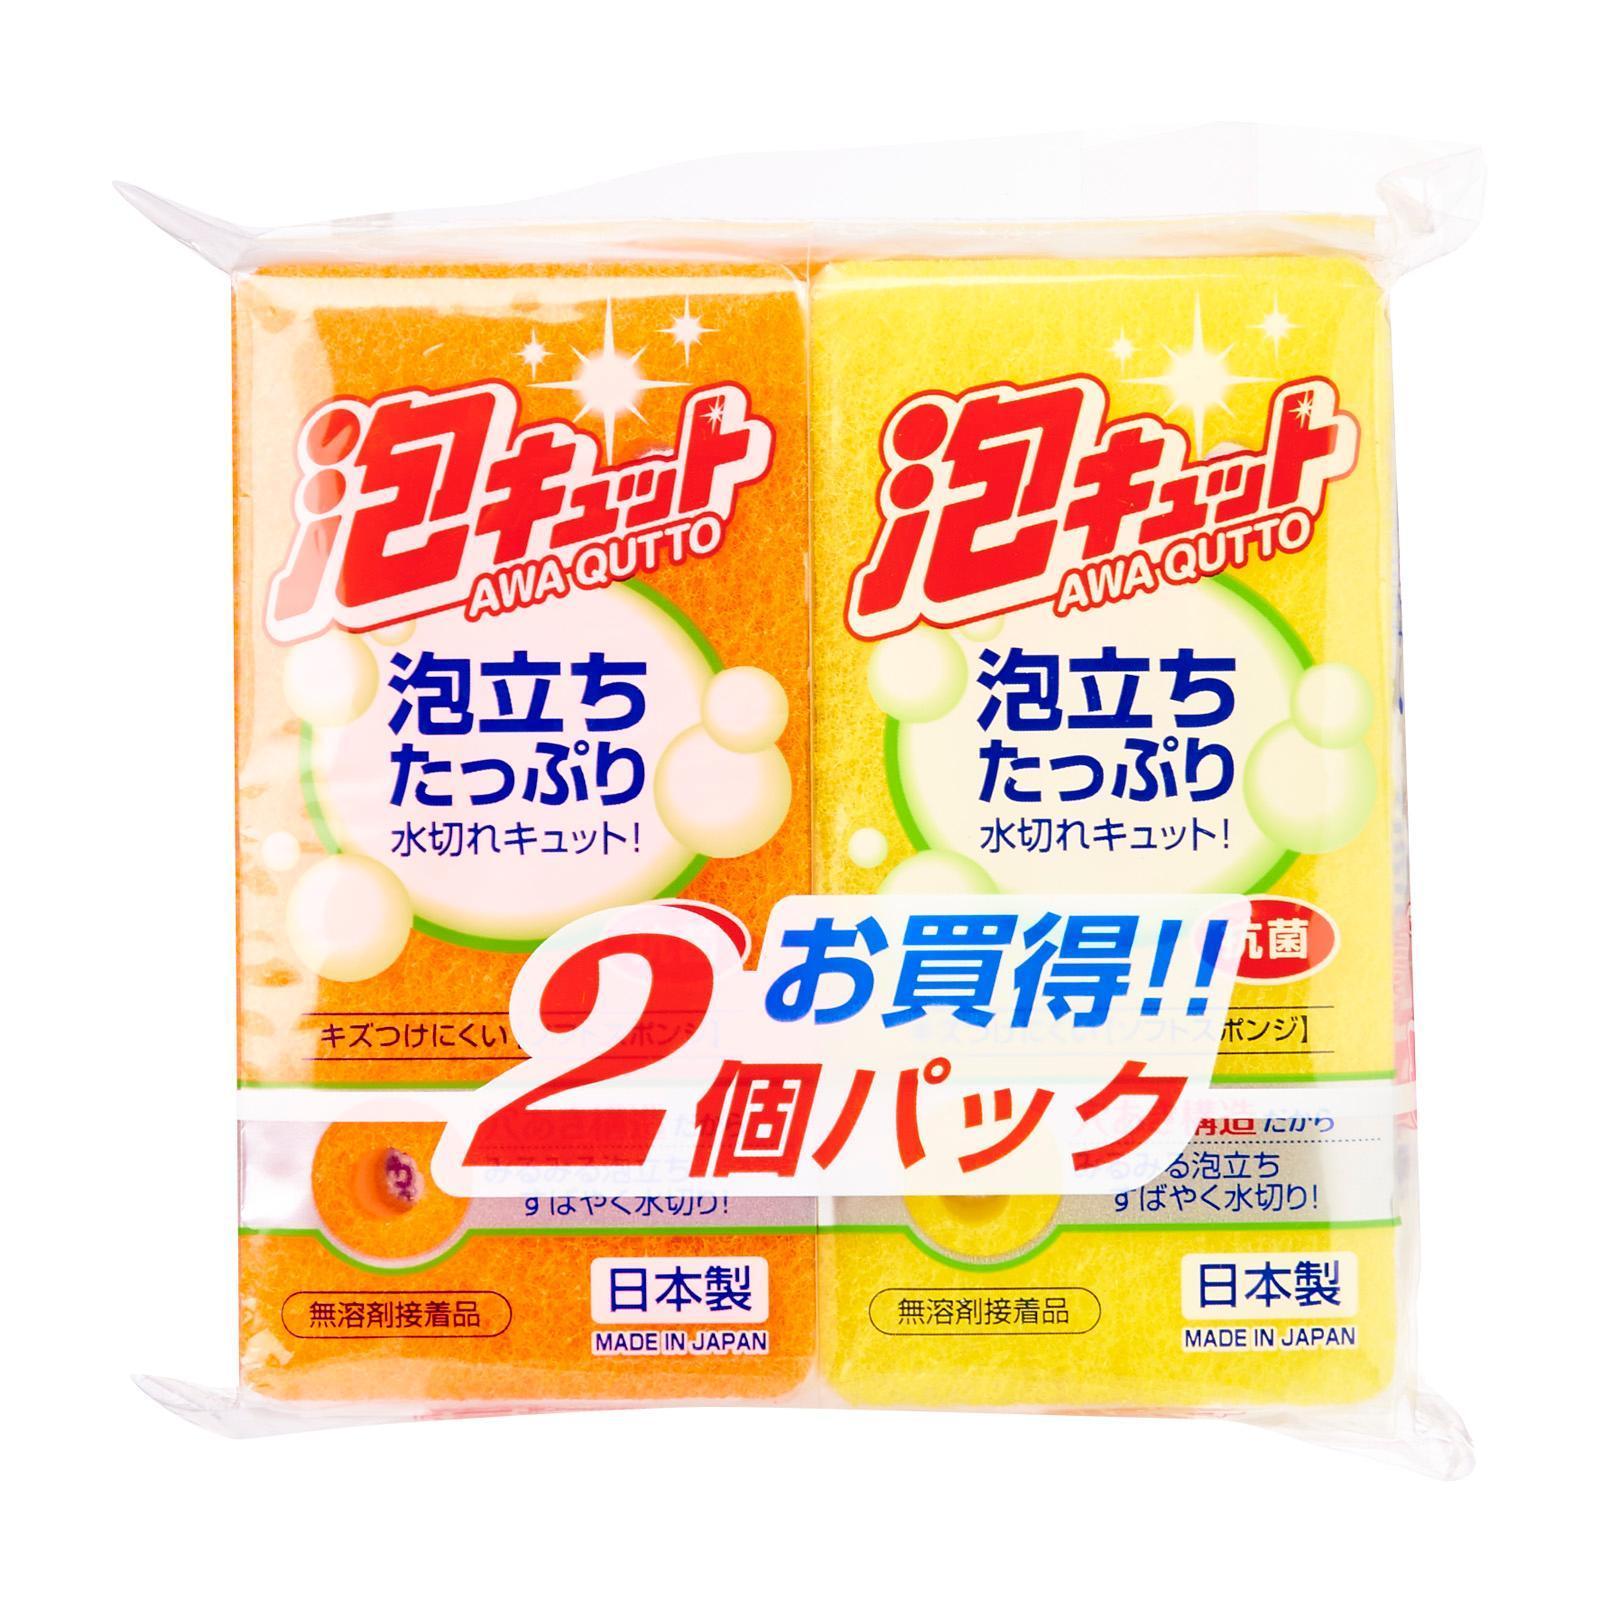 OHE & CO. Awa Qutto Soft Sponge 2Pcs Set